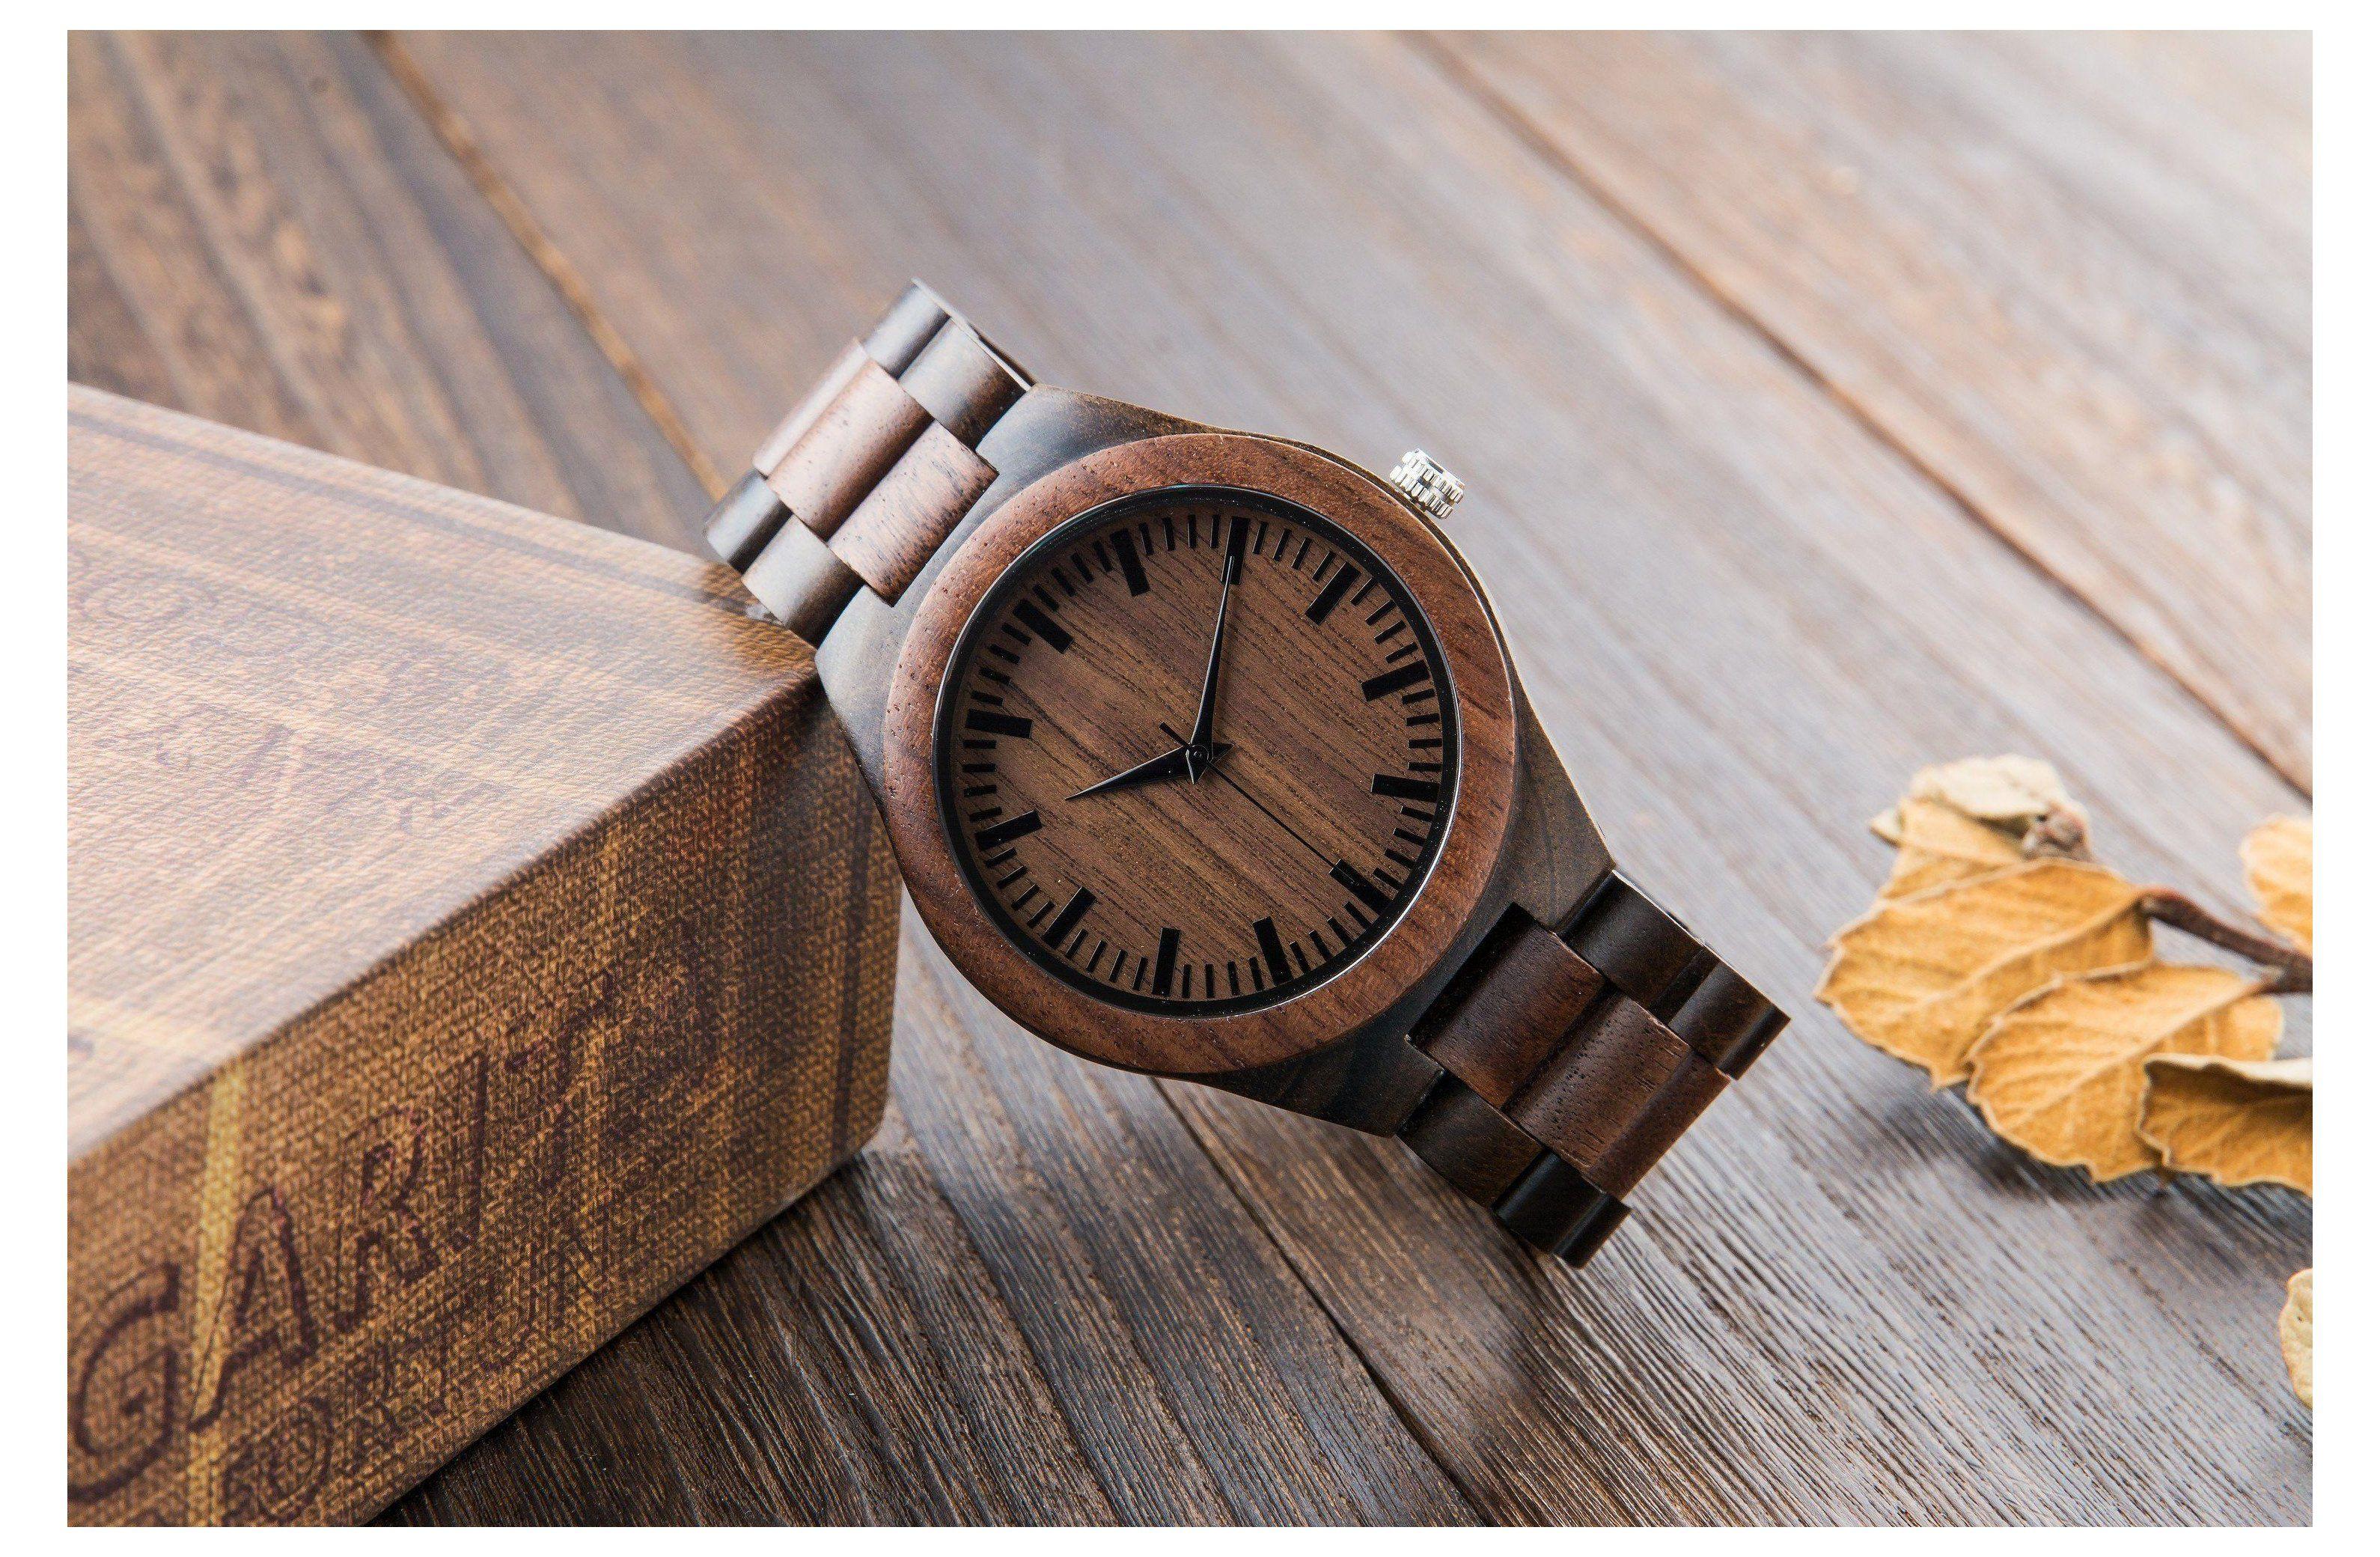 Wood Watch For Men Custom Watch Wooden Watch Engraved Etsy Wood Watches For Men Woodwatchesformen Custom Wood Watch For Men As Christmas Gift 2020